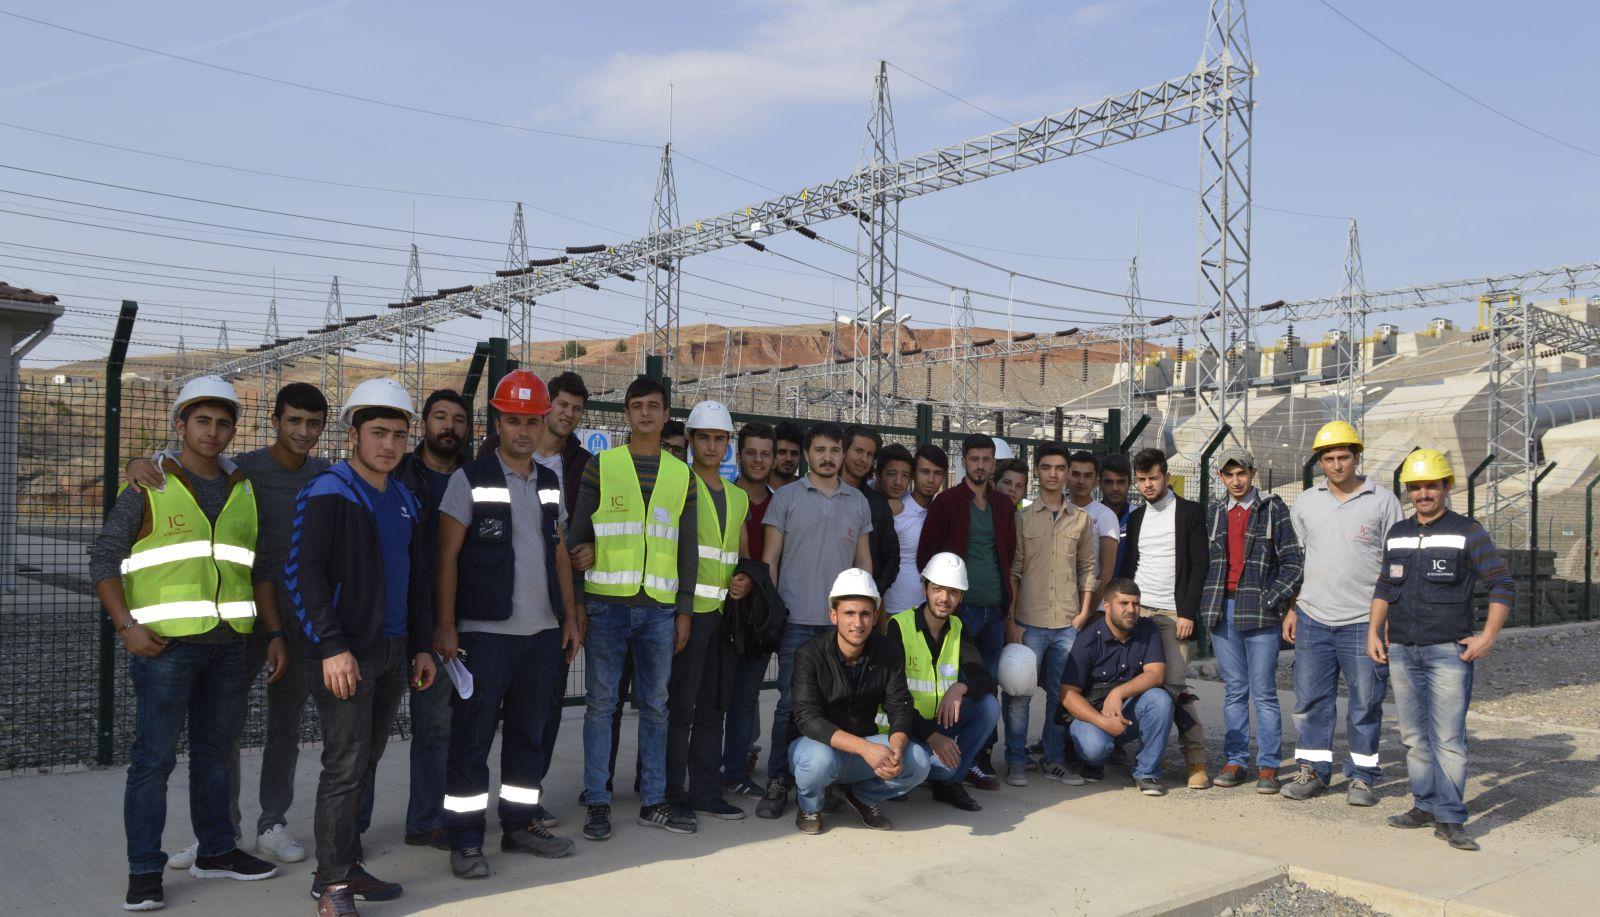 Elektrik İletim, Üretim, Dağıtım Bölümü Öğrencilerine Barajda Uygulamalı Ders Verildi.